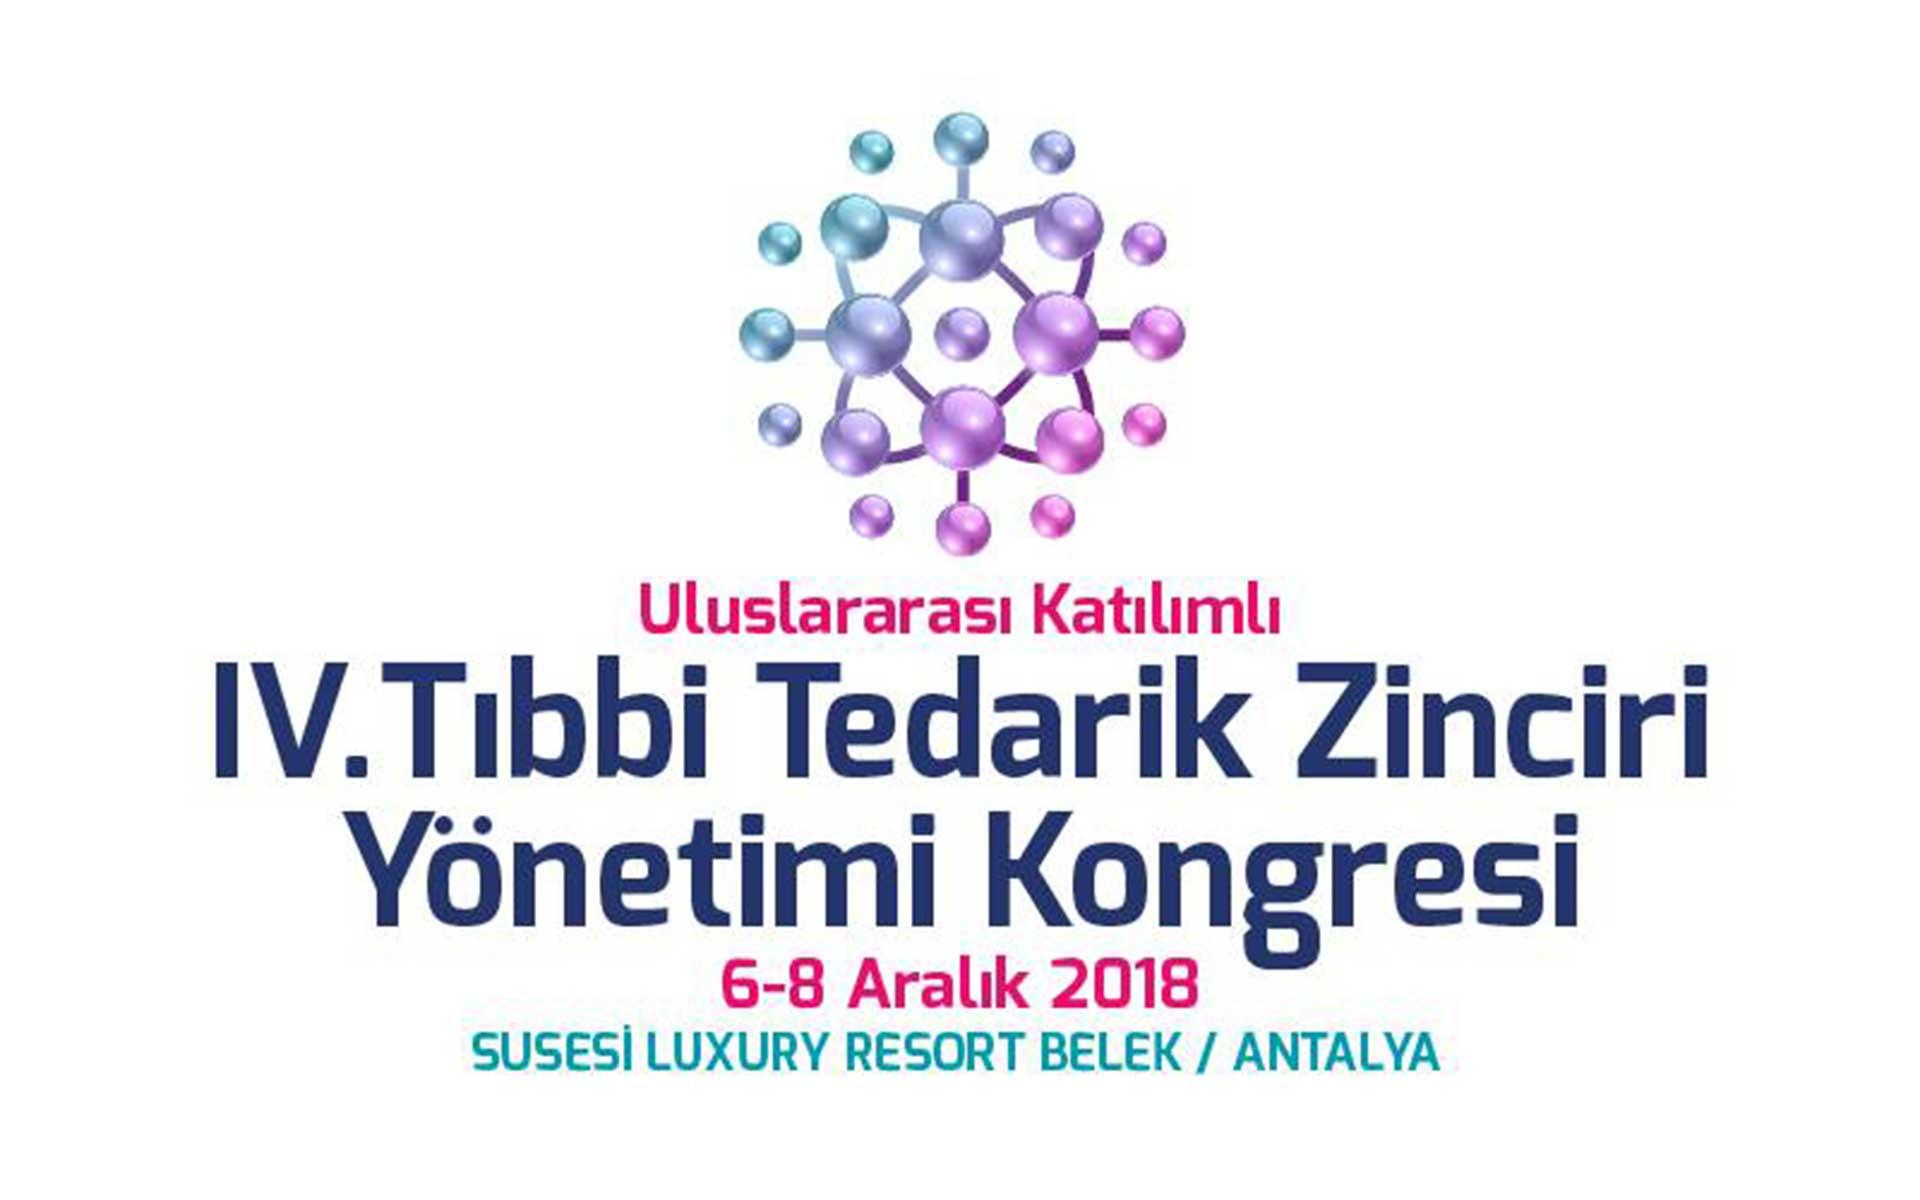 IV. Tıbbi Tedarik Zinciri Yönetimi Kongresi